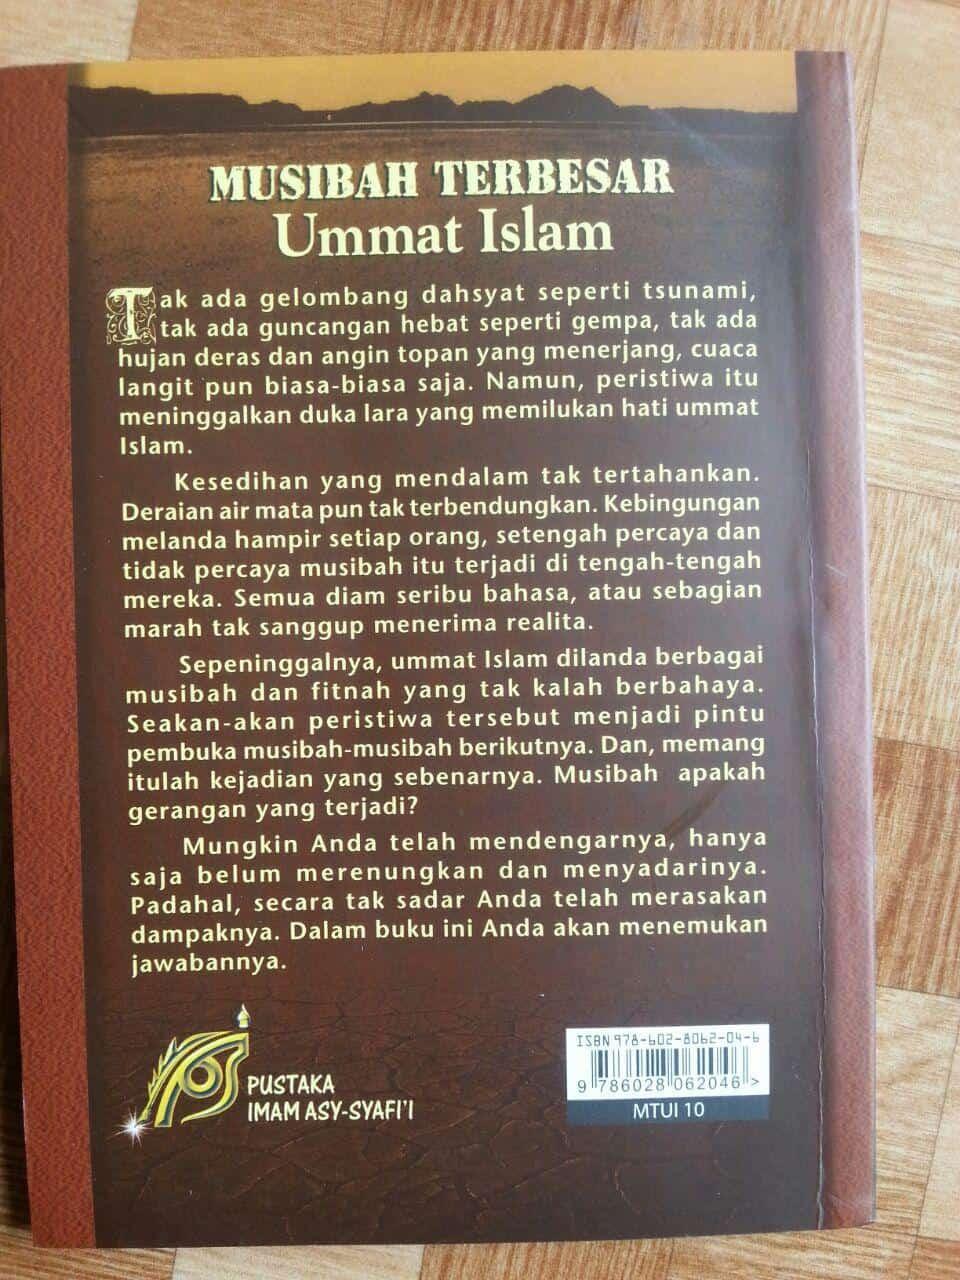 Buku Musibah Terbesar Umat Islam cover